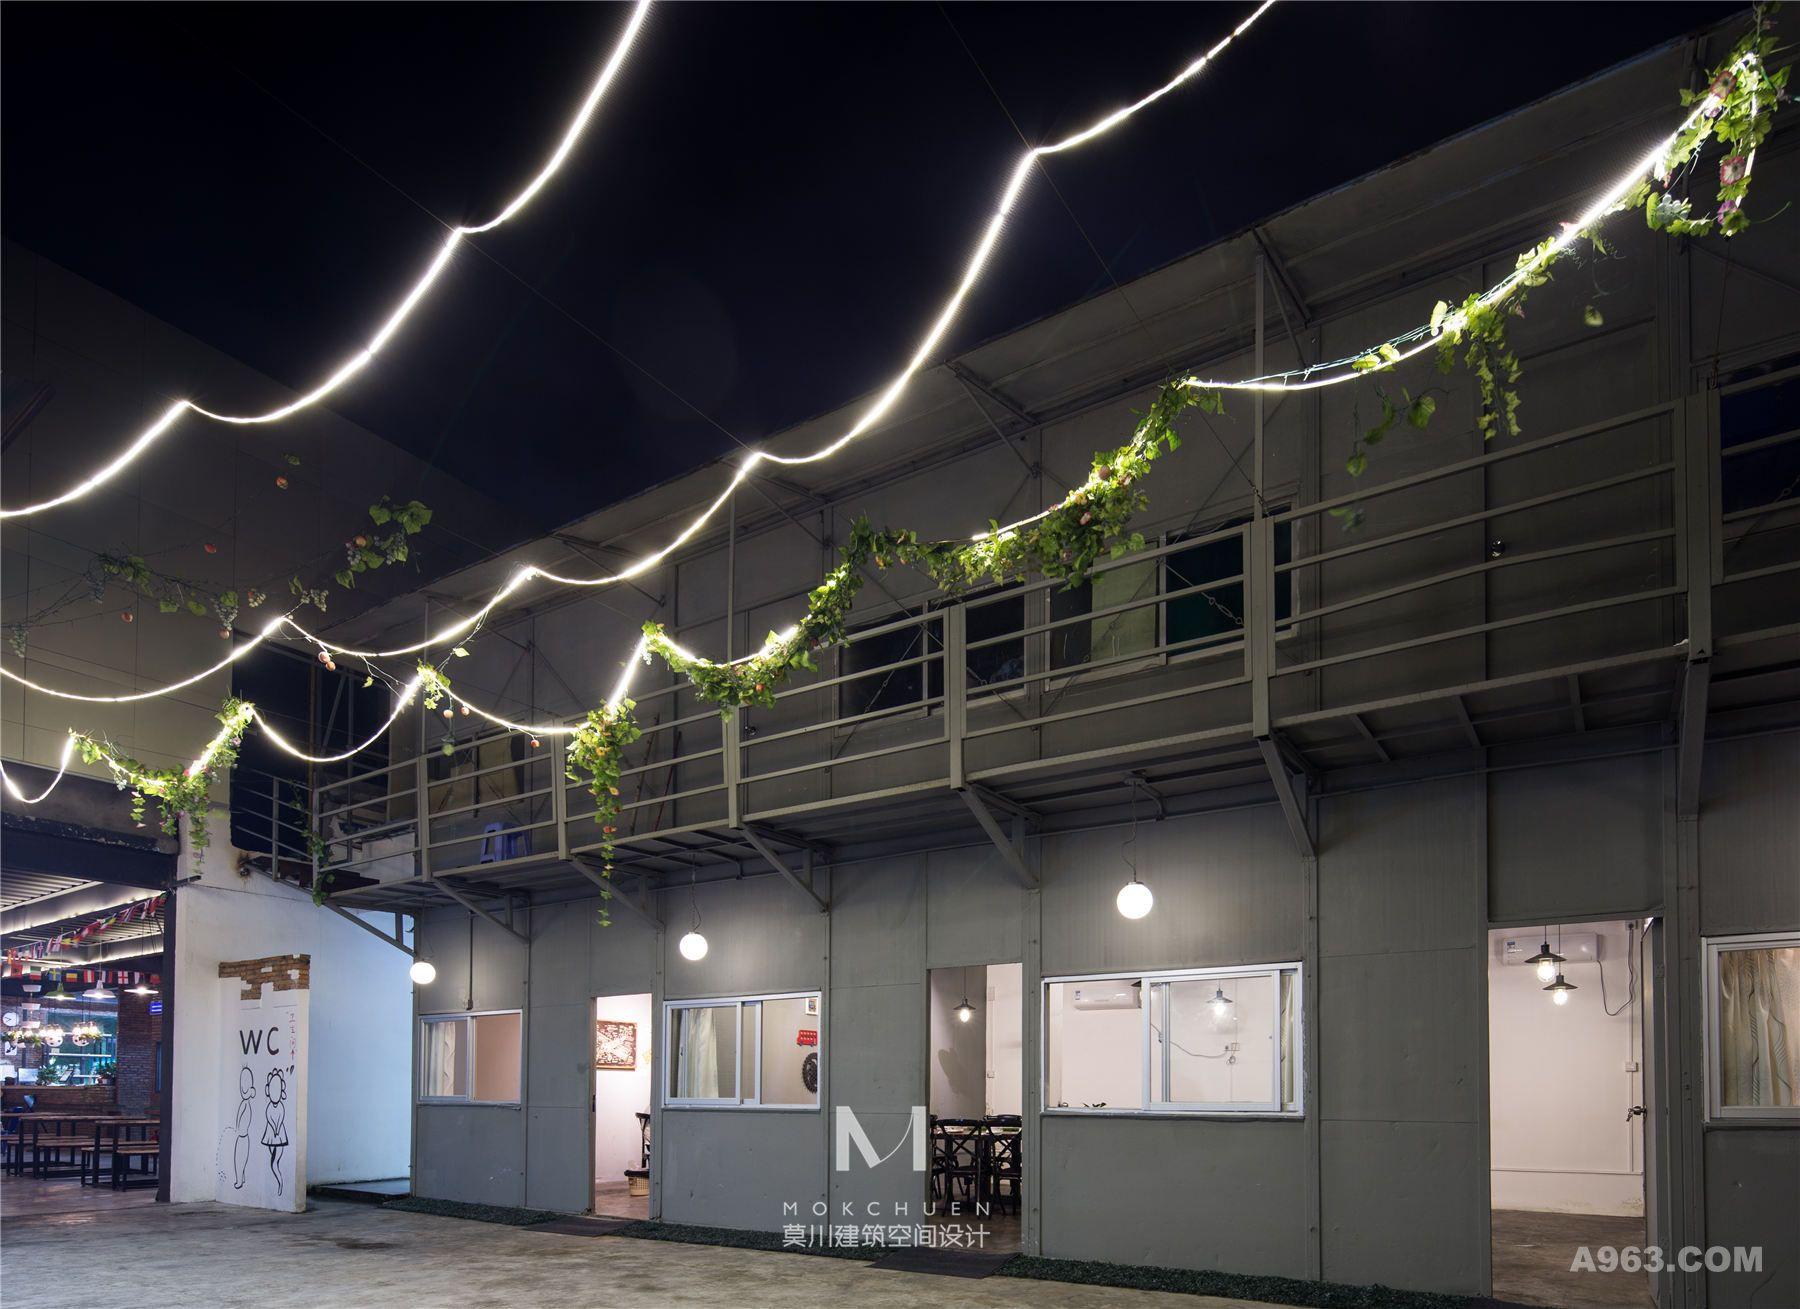 旧工厂的铁皮房被设计师改装成了客人聚餐的雅间。